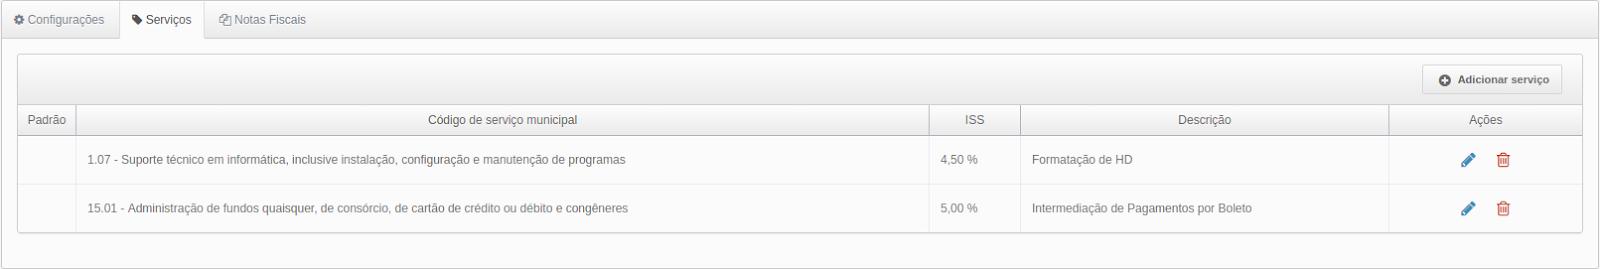 ela com as abas: Configurações - Serviços - Notas fiscais.  A aba serviços está aberta. Abaixo uma tabela: Coluna padrão, com linhas em branco. Coluna: código de serviço municipal, na linha 1: 1.07 - Suporte técnico em informática, inclusive instalação, configuração e manutenção de programas. Na linha 2: 15.01 - Administração de fundos quaisquer, de consórcio, de cartão de crédito ou débito e congêneres. Coluna ISS: Linha 1: 4,50%. Linha 2: 5,00%. Coluna Descrição: linha 1: FOrmatação de HD. Linha 2: Intermediação de Pagamentos por boleto. Coluna Ações: em ambas as linhas ícone de um lápis em azul, e ao lado ícone de uma lixeira em vermelho. Acima das descrições das colunas um botão com um mais e o texto: adicionar serviço.